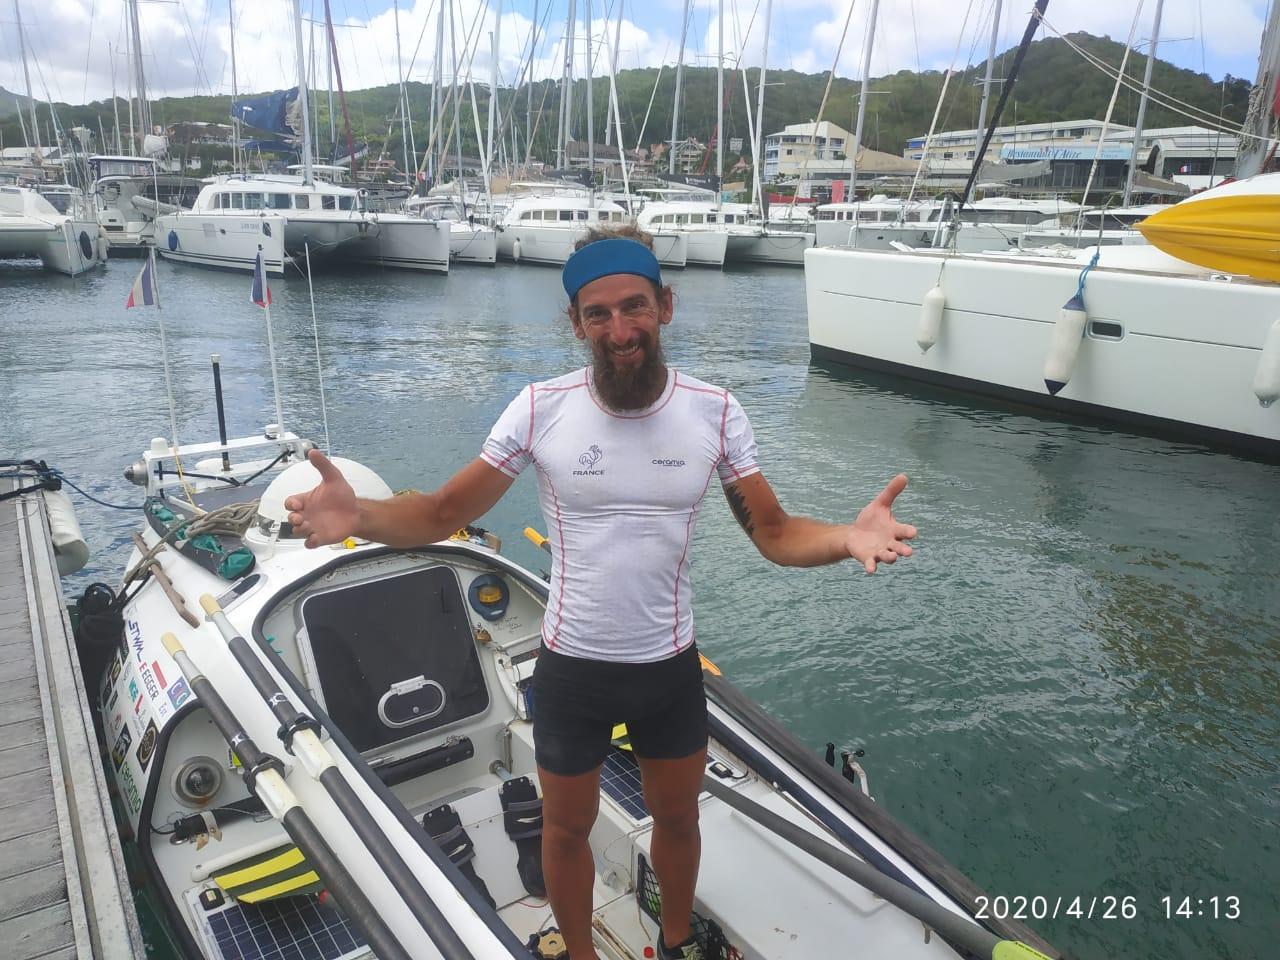 Stéphane Brogniart est arrivé au Marin après 72 jours en mer